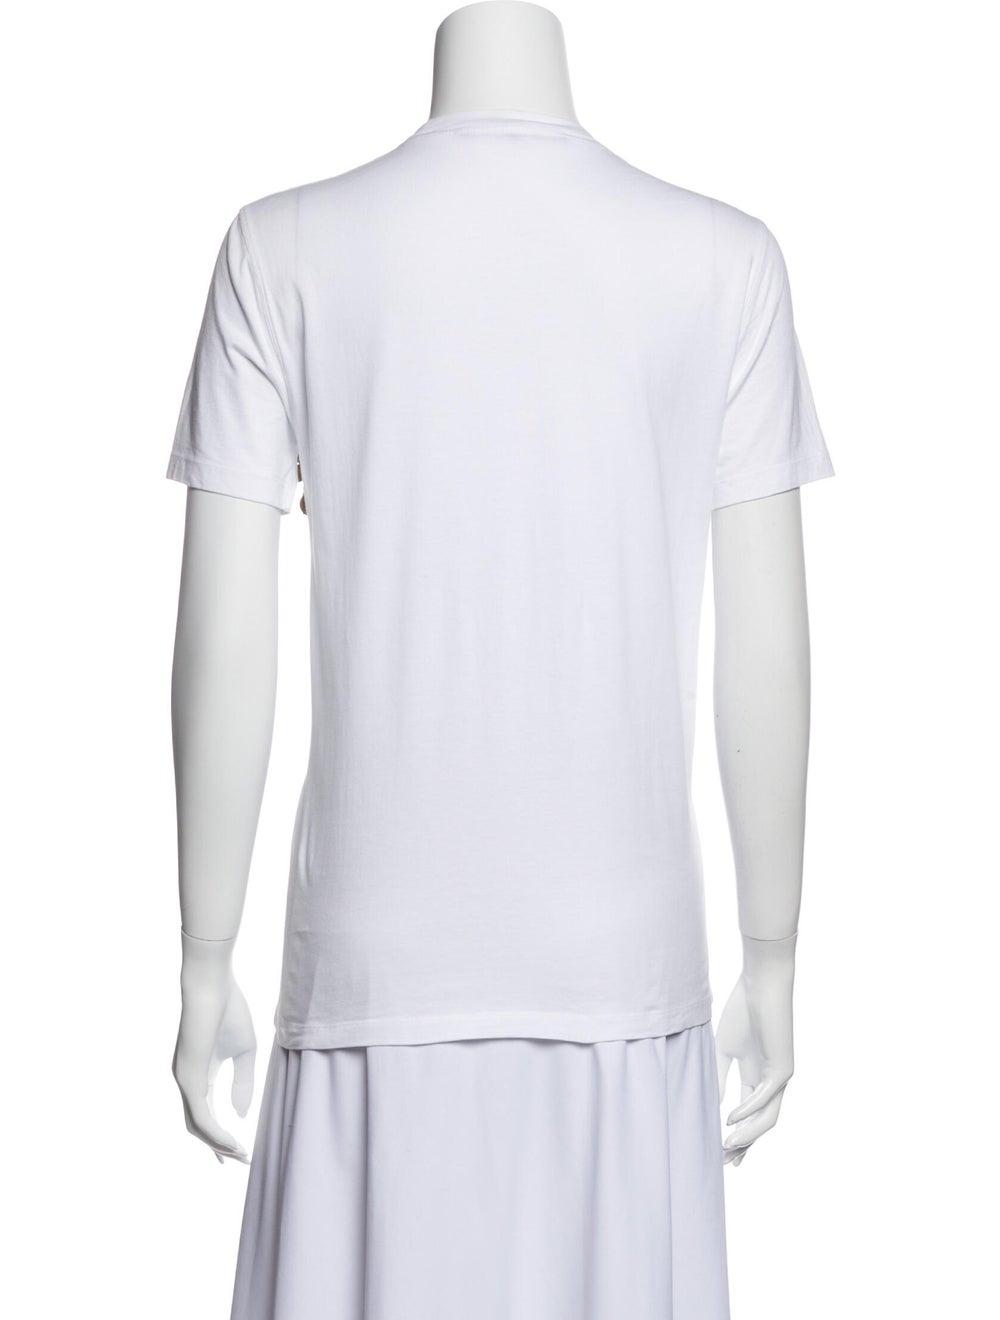 Givenchy Crew Neck Short Sleeve T-Shirt White - image 3